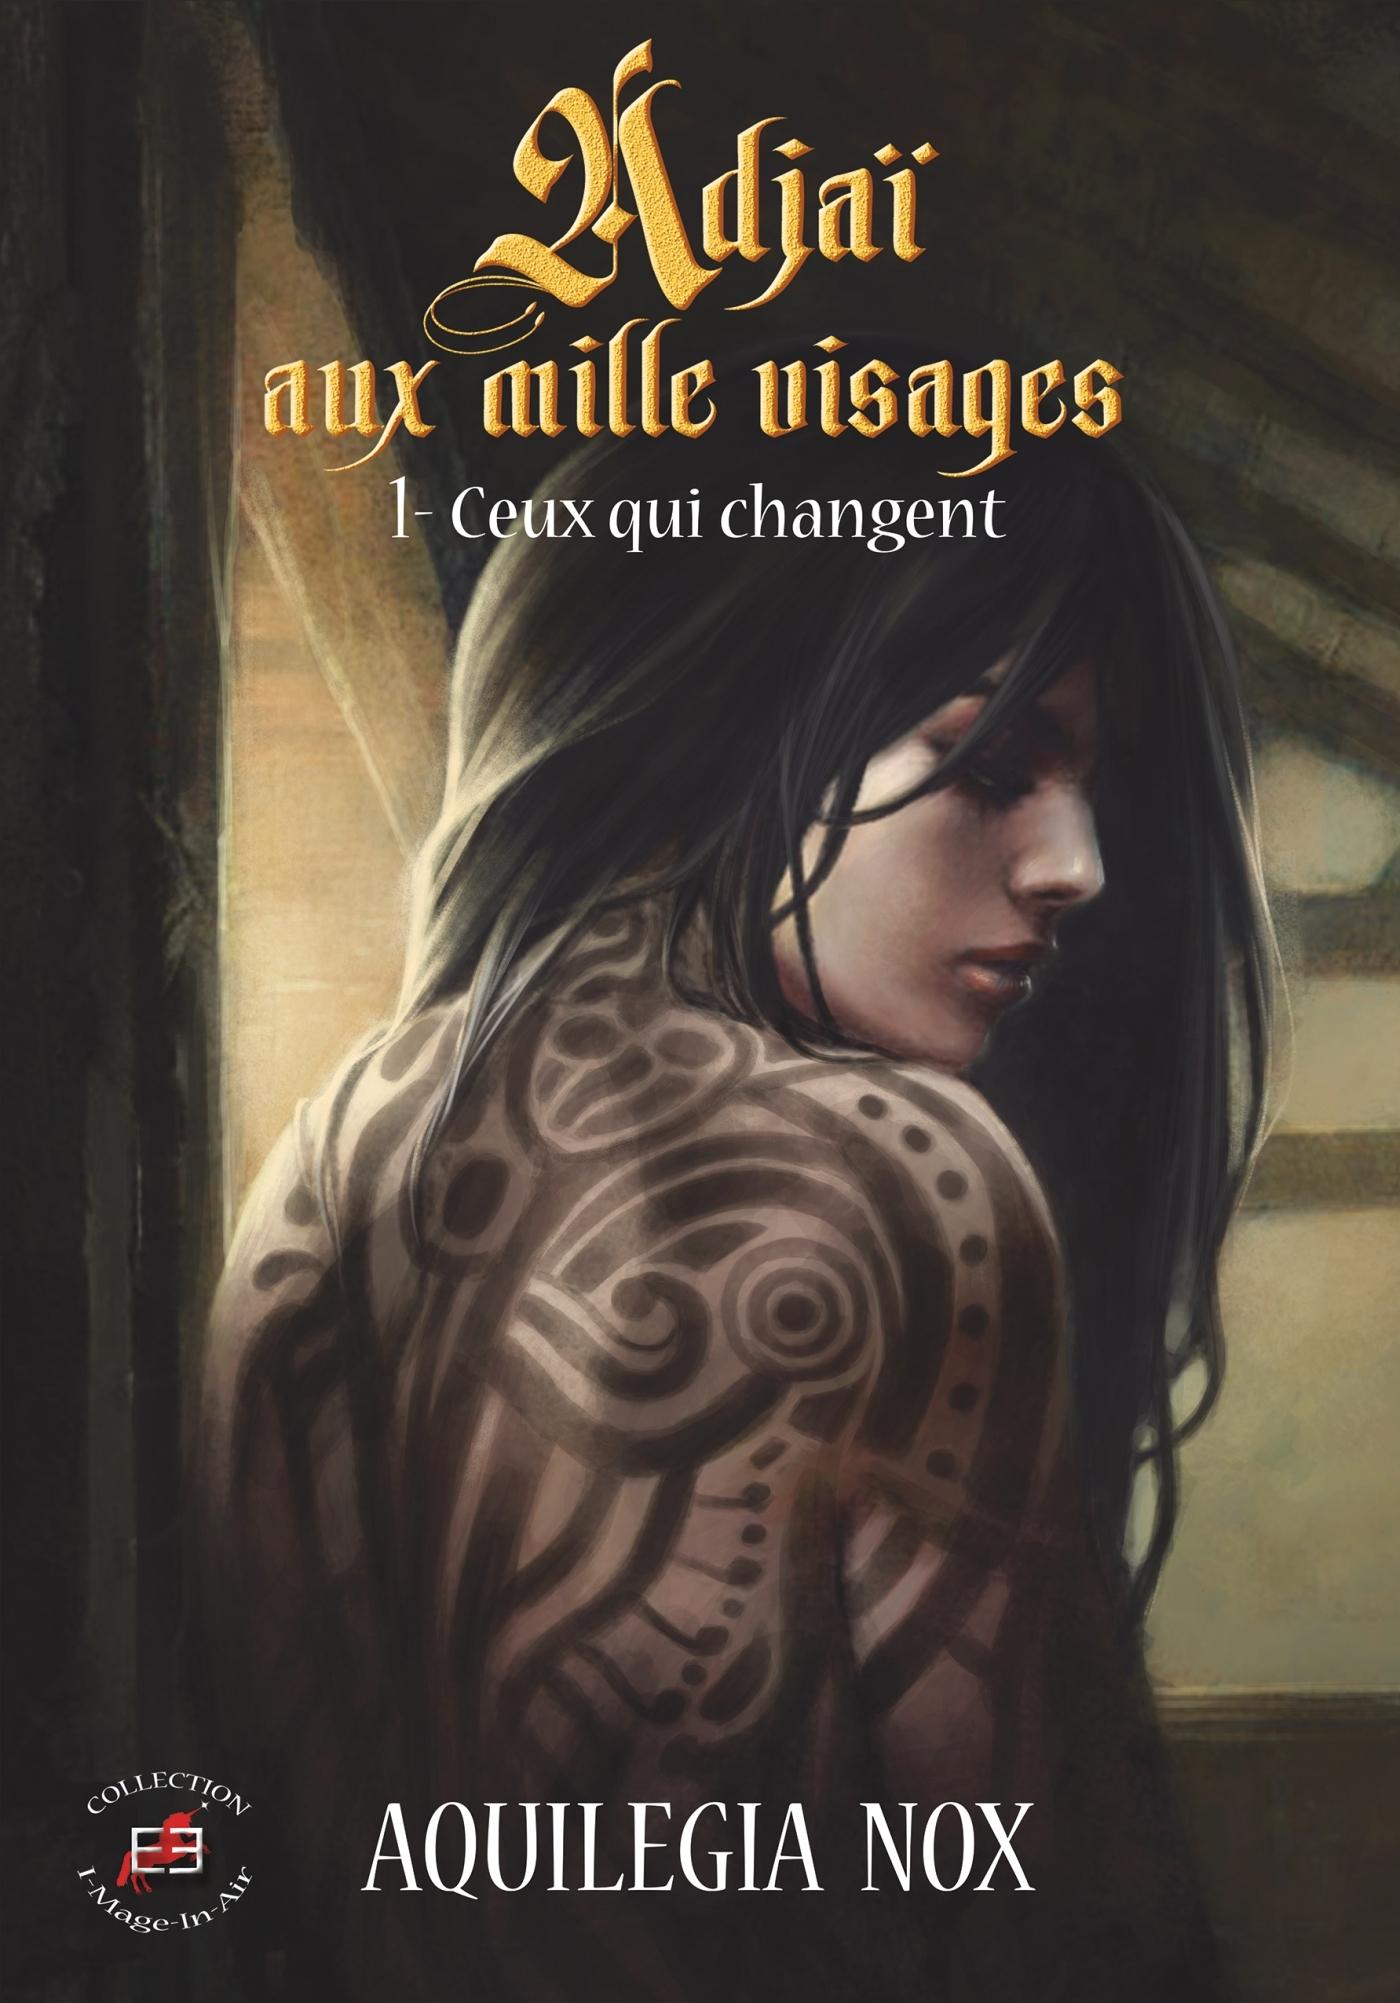 ADJAI AUX MILLE VISAGES - CEUX QUI CHANGENT